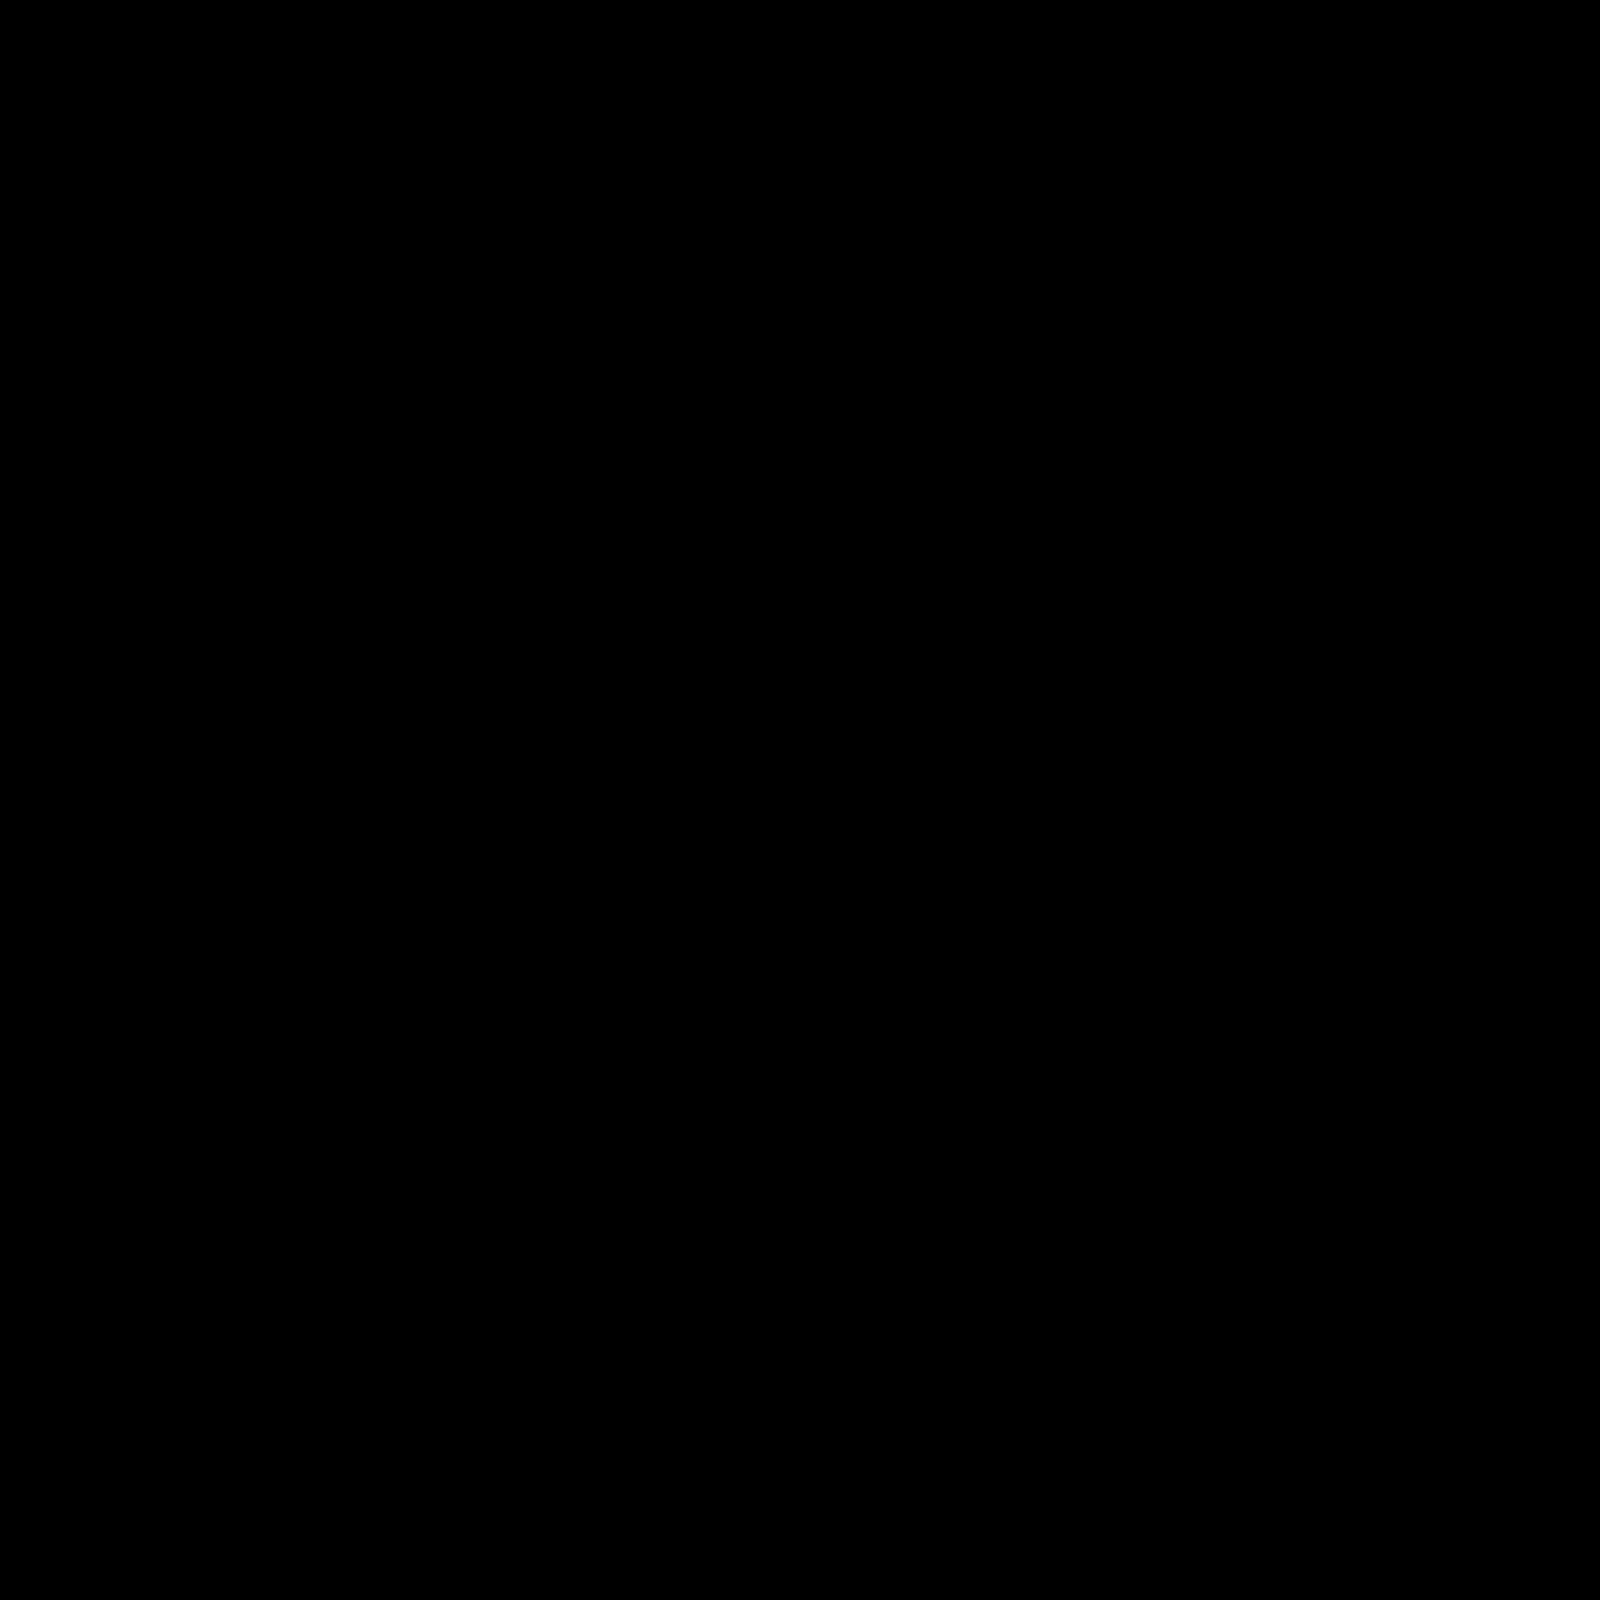 Przecinek icon